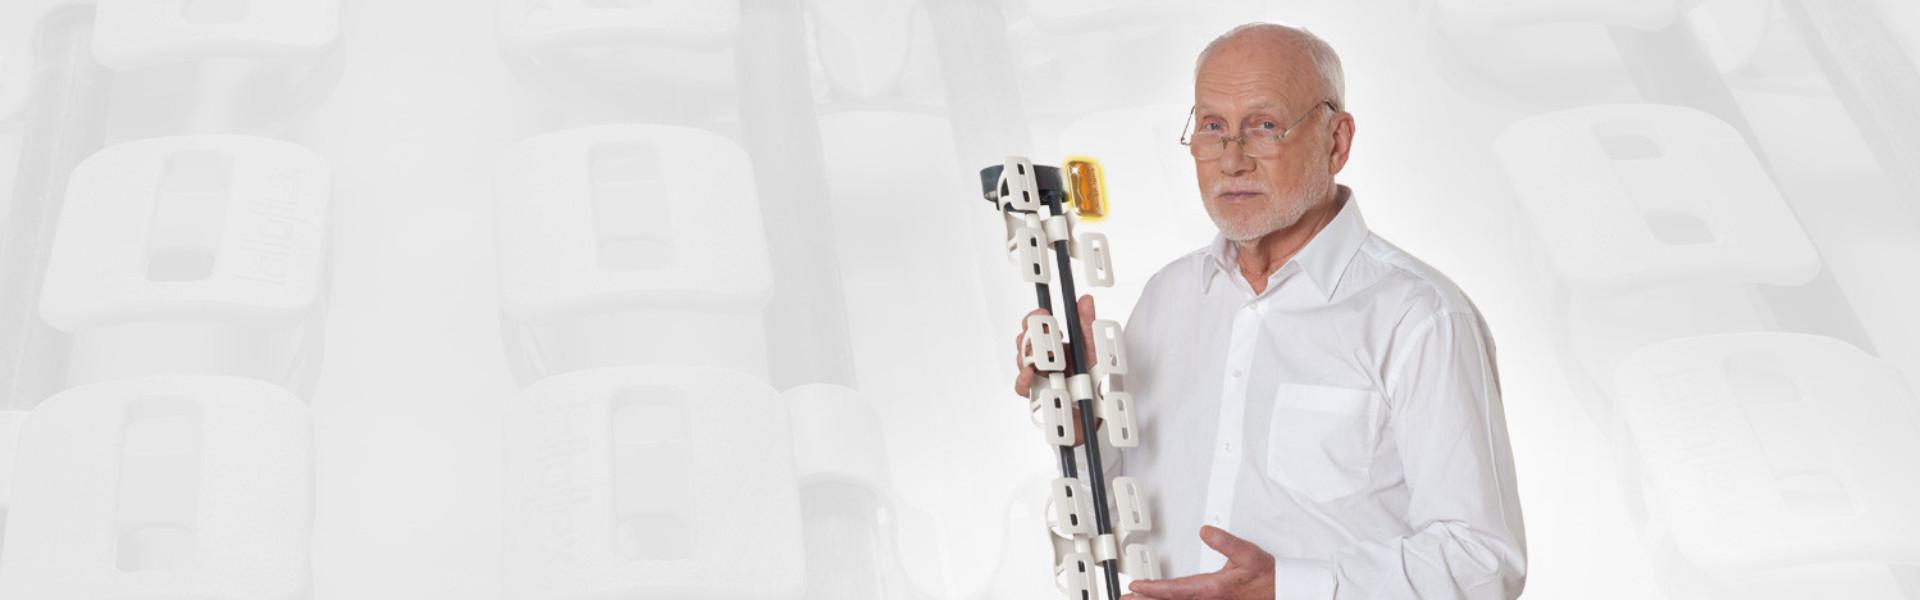 lattoflex-dr-schmitt-edit-1500x630